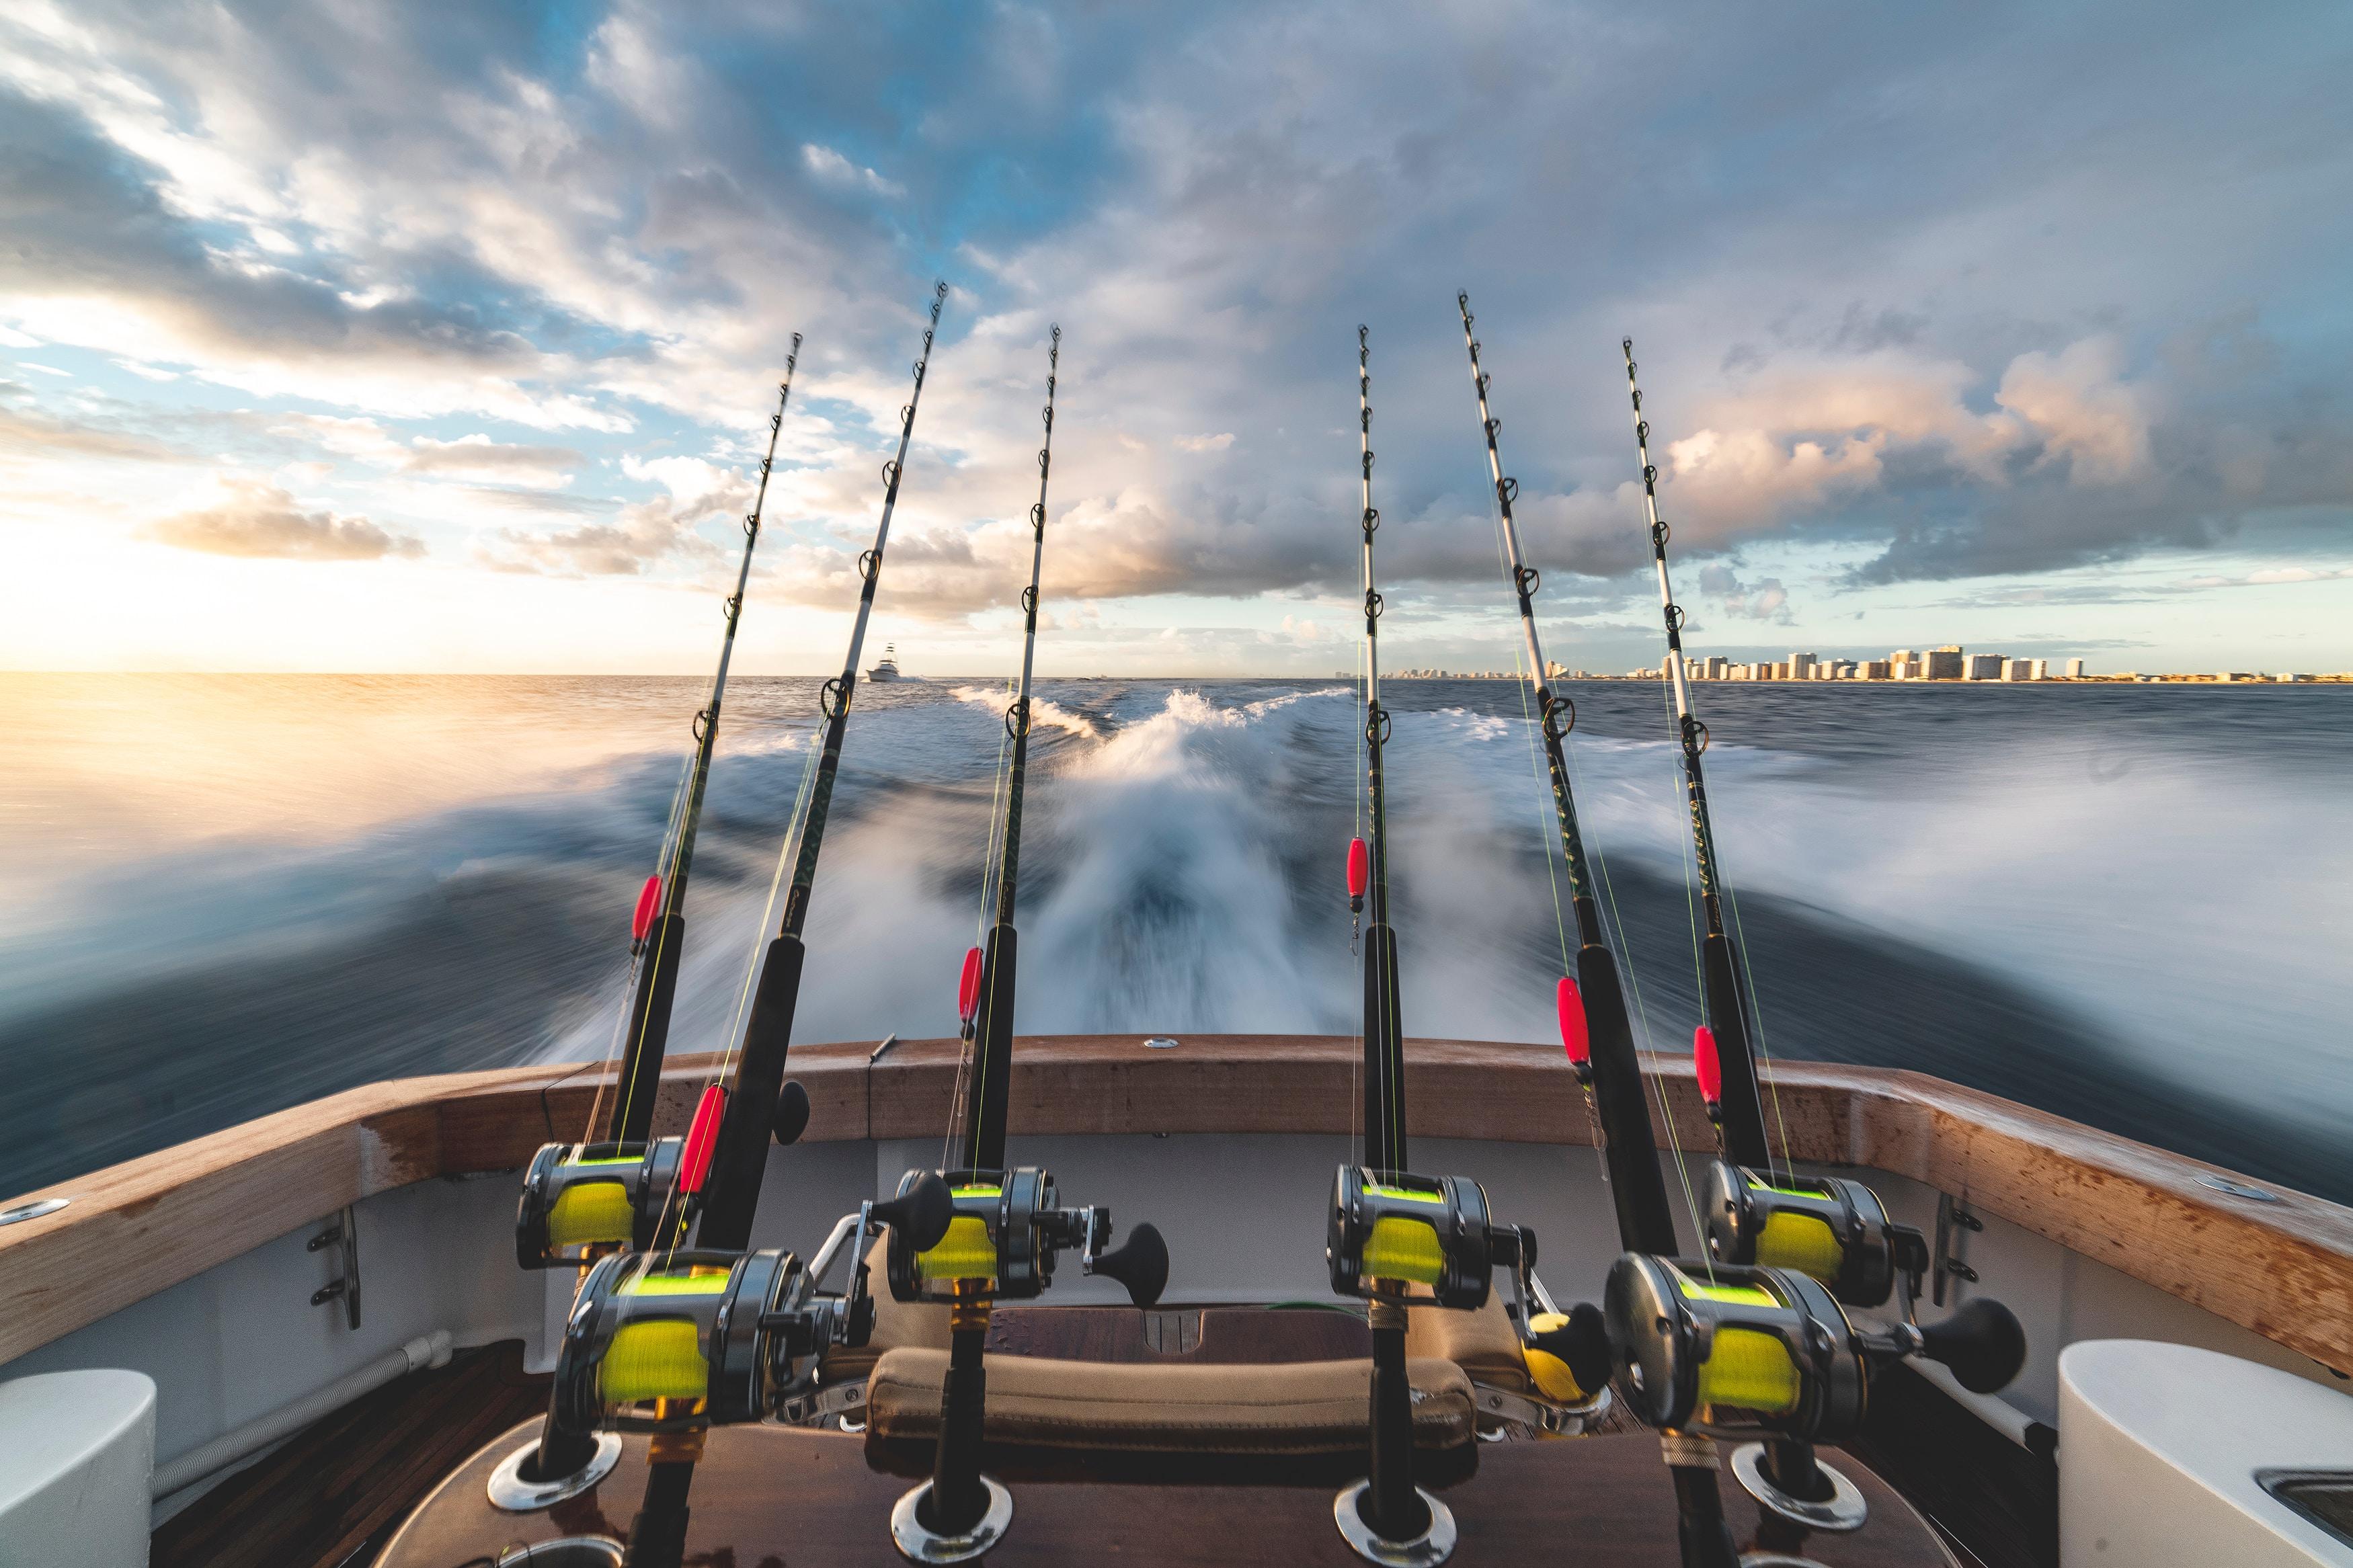 stephen momot UivGzIDhVyw unsplash - Bliv klar til at fiske med det rigtige udstyr